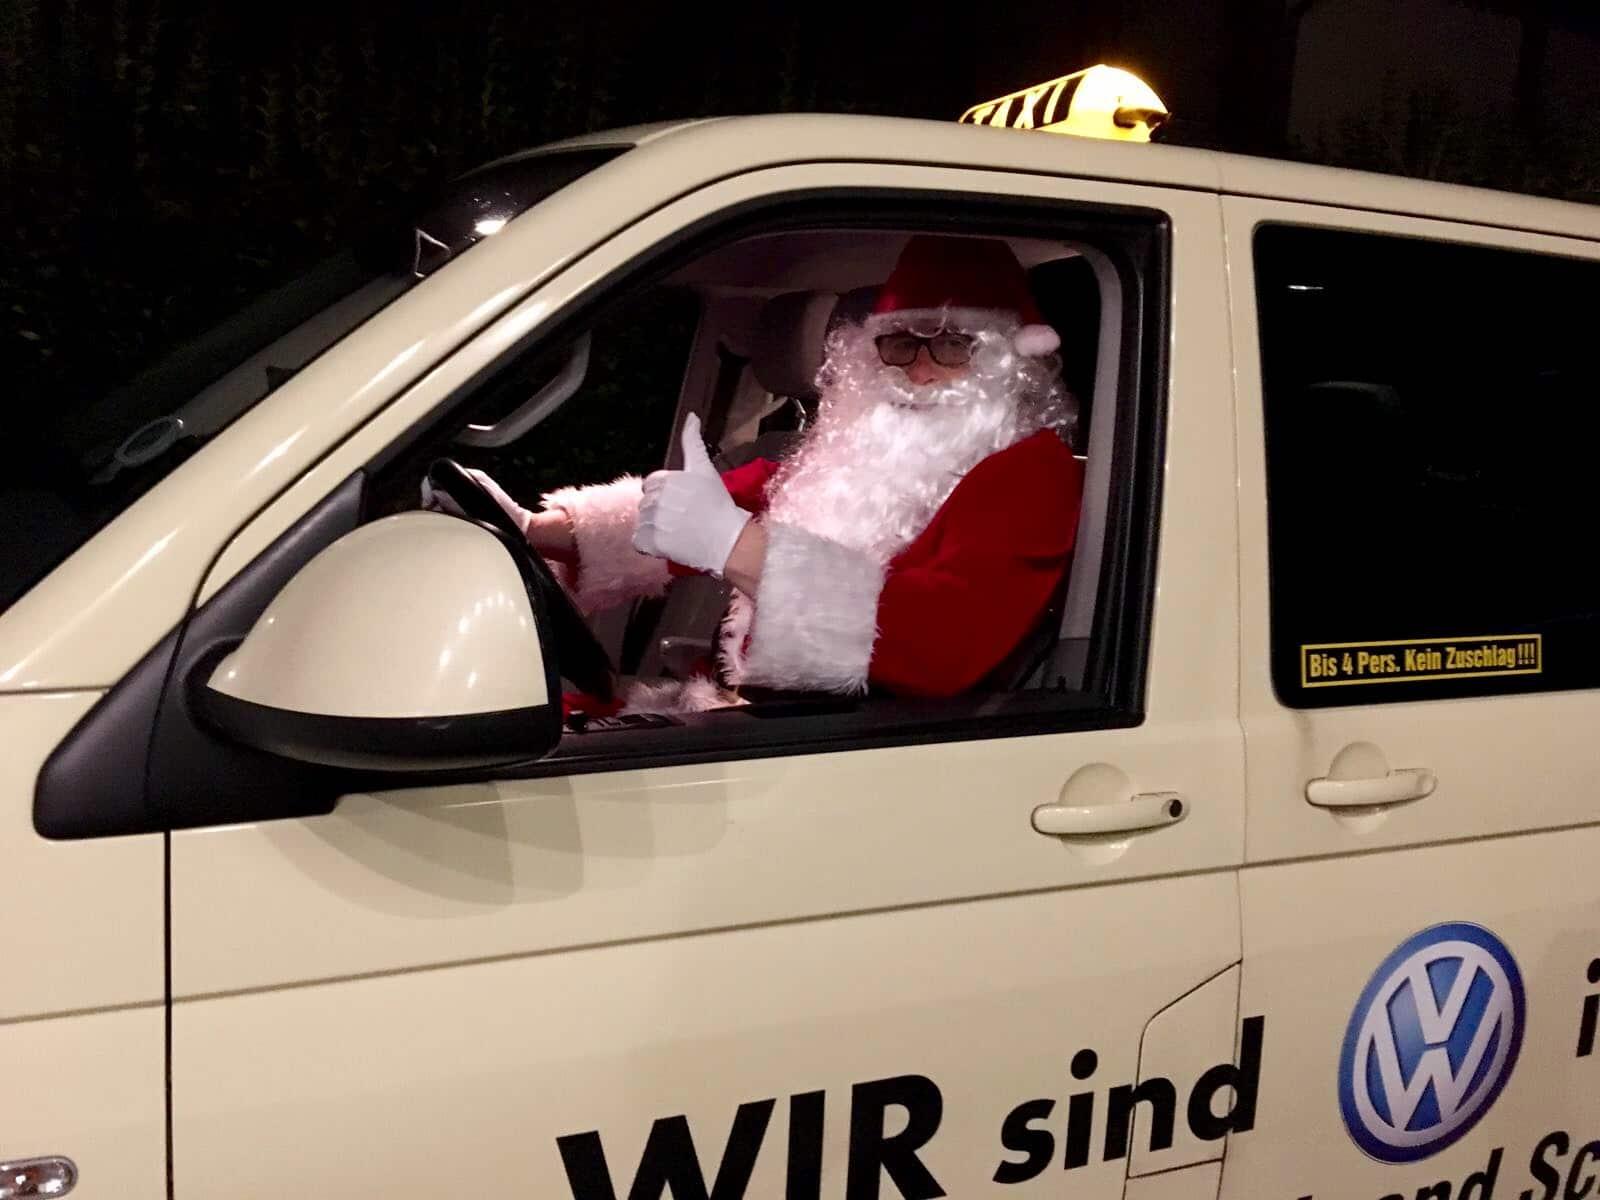 Taxi Rostock und der Weihnachtsmann Bild 2